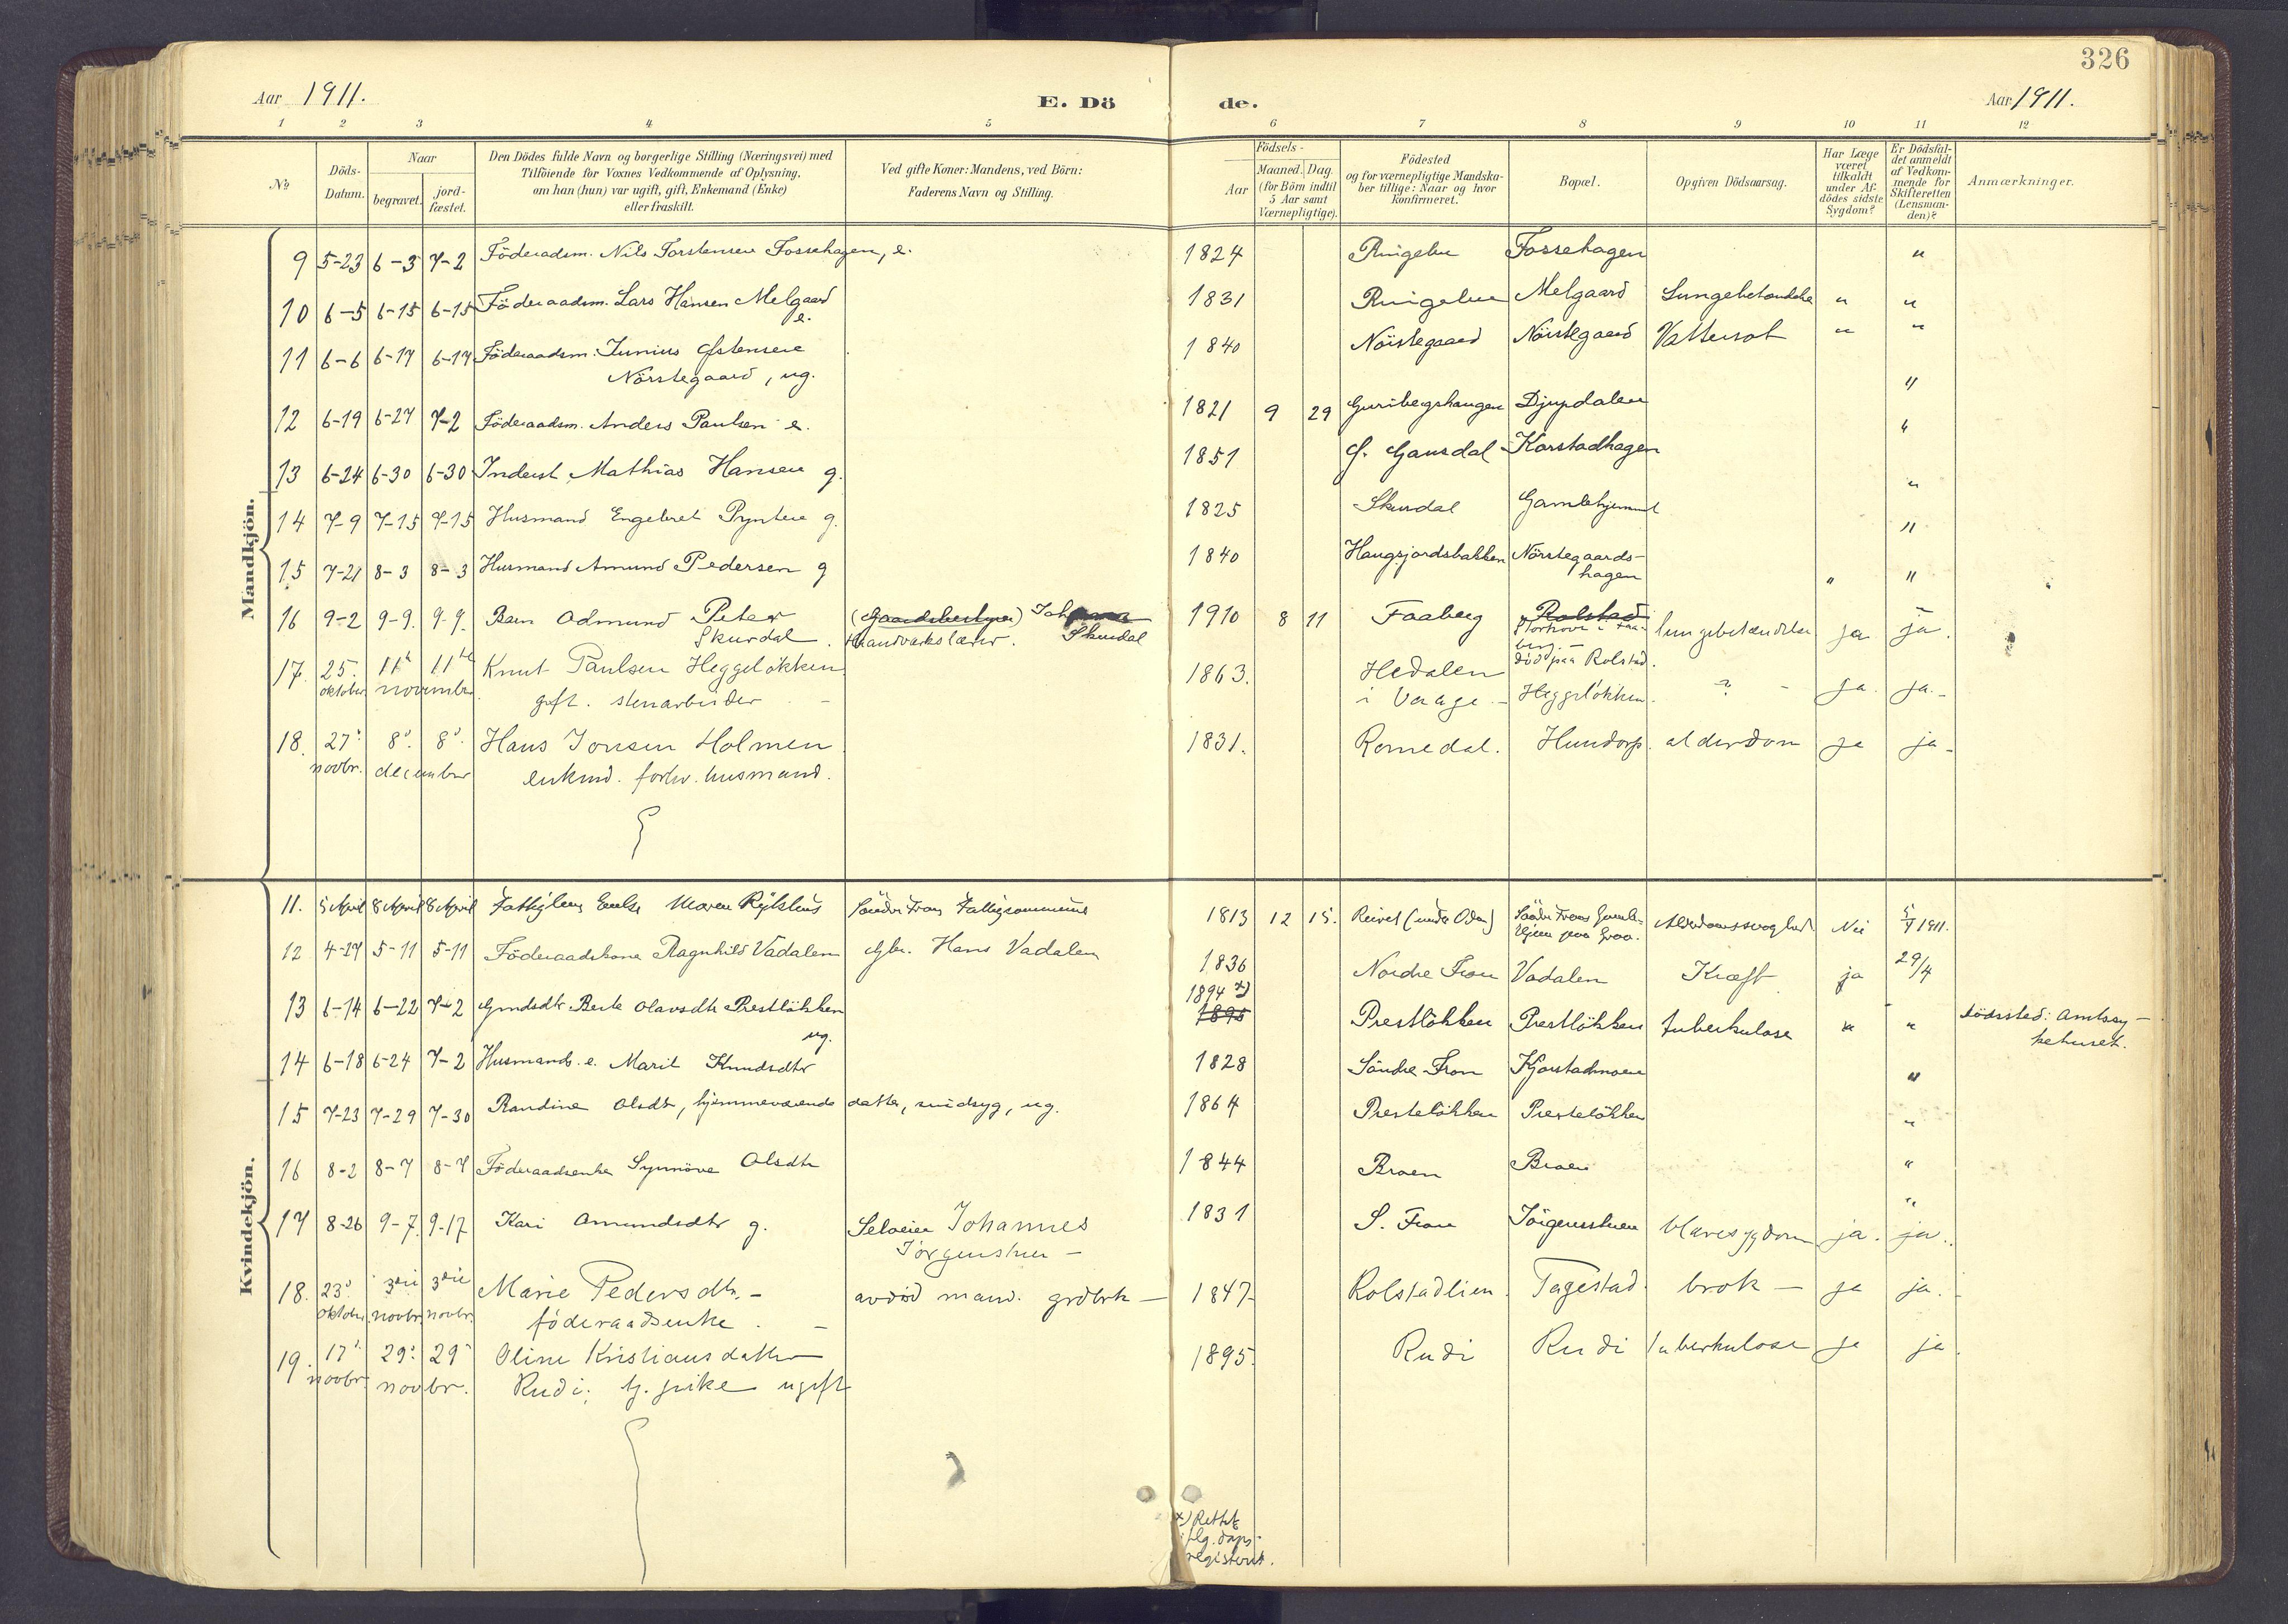 SAH, Sør-Fron prestekontor, H/Ha/Haa/L0004: Ministerialbok nr. 4, 1898-1919, s. 326